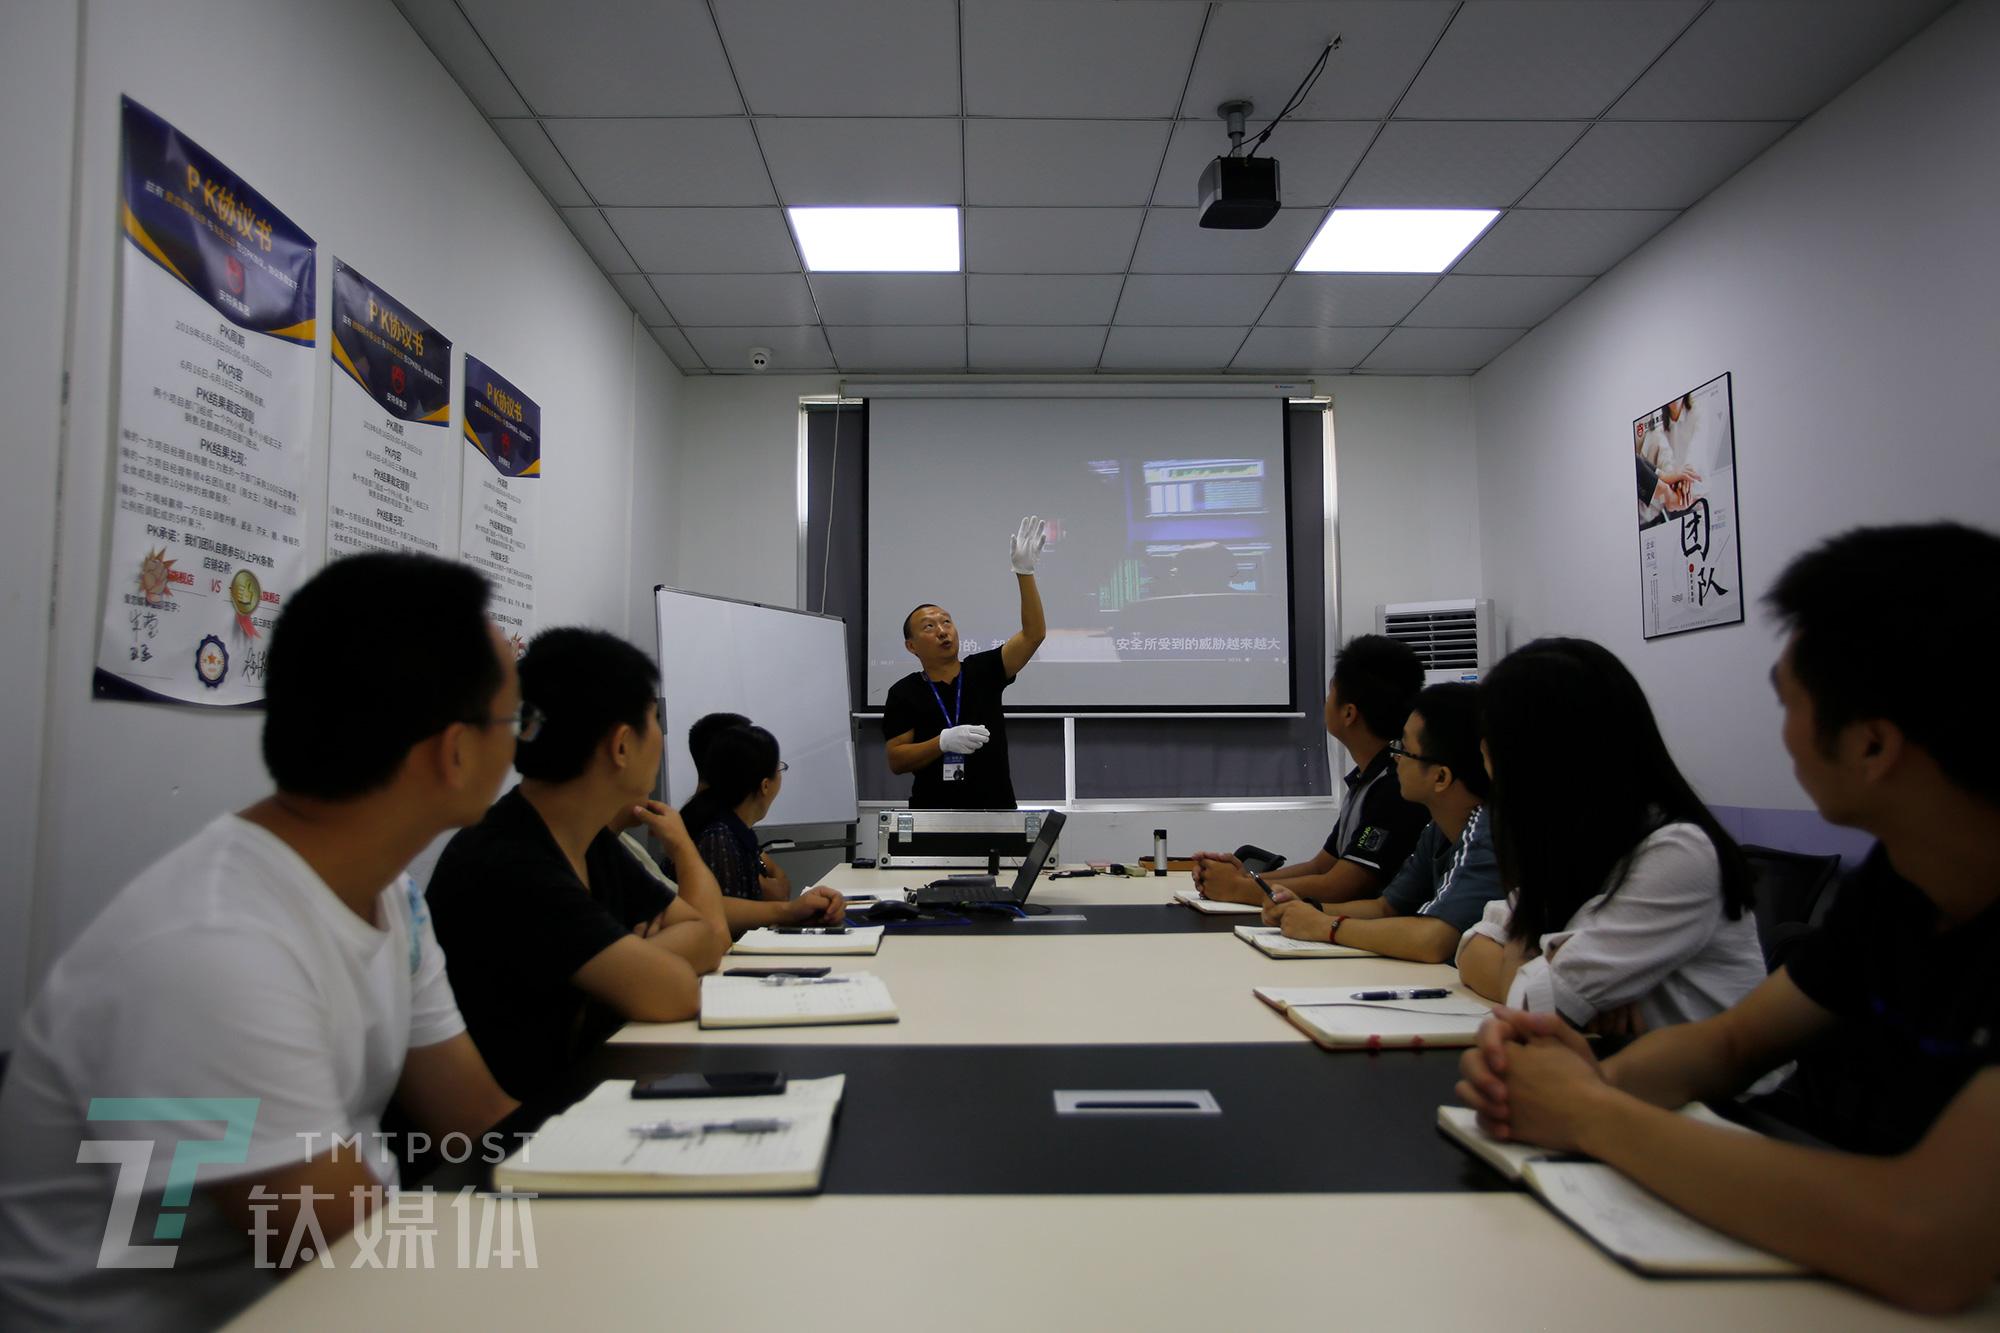 9月3日,深圳,安特保集团,何志会为同事讲解窃密器材的安放规律。